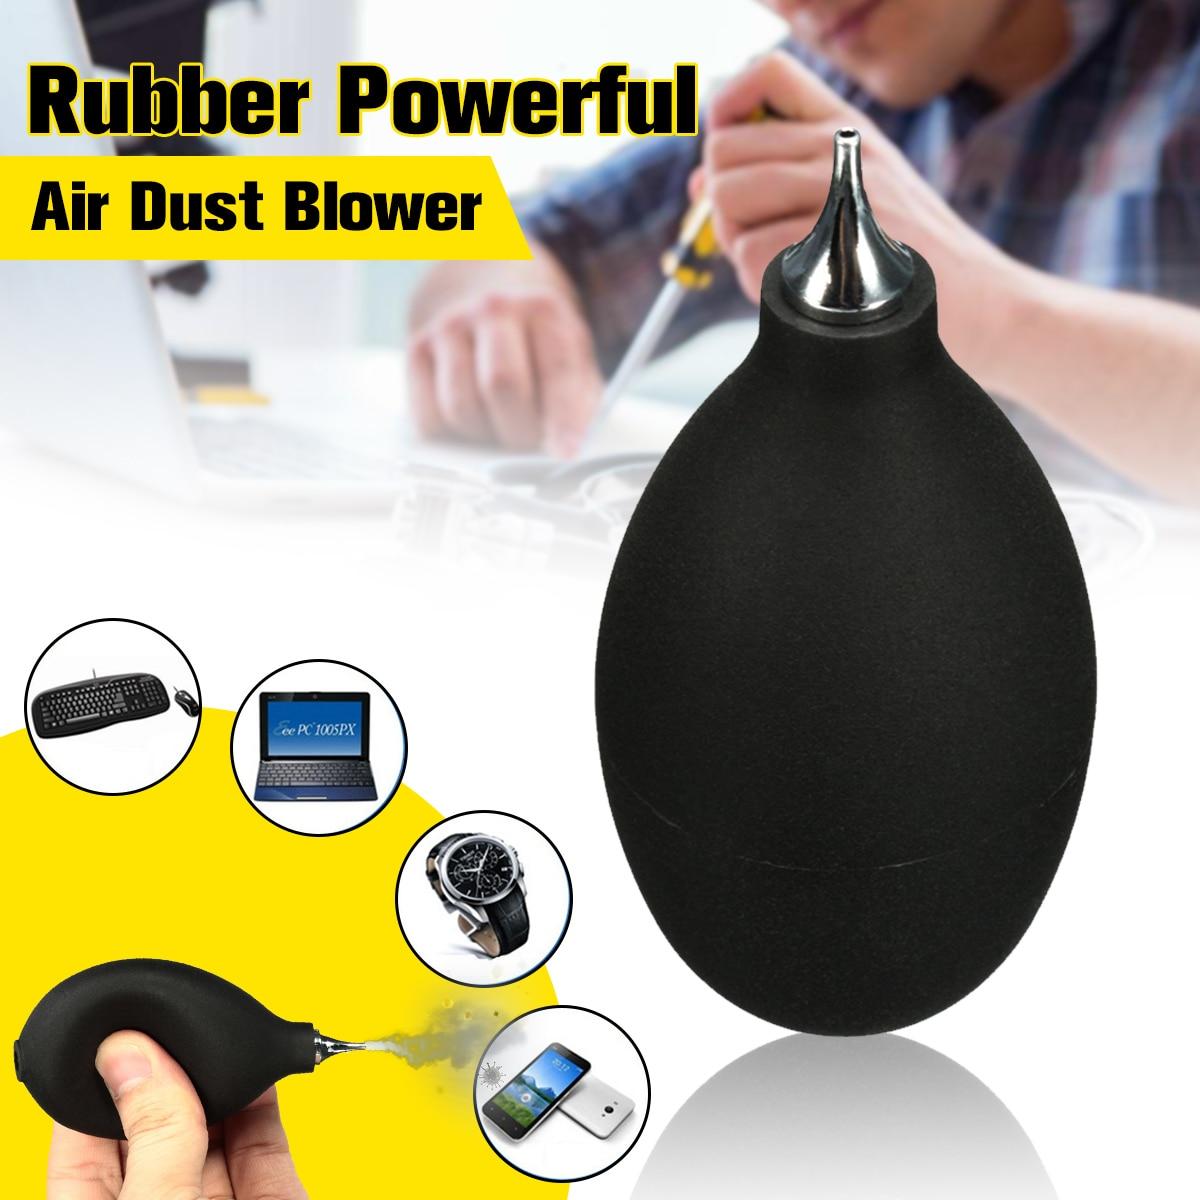 Металлическая Горловина для пылесоса, резиновый воздушный насос, инструмент для очистки DSLR для зеркальных камер, объектив, часы с клавиатурой для ремонта телефонов iPhone 6 7